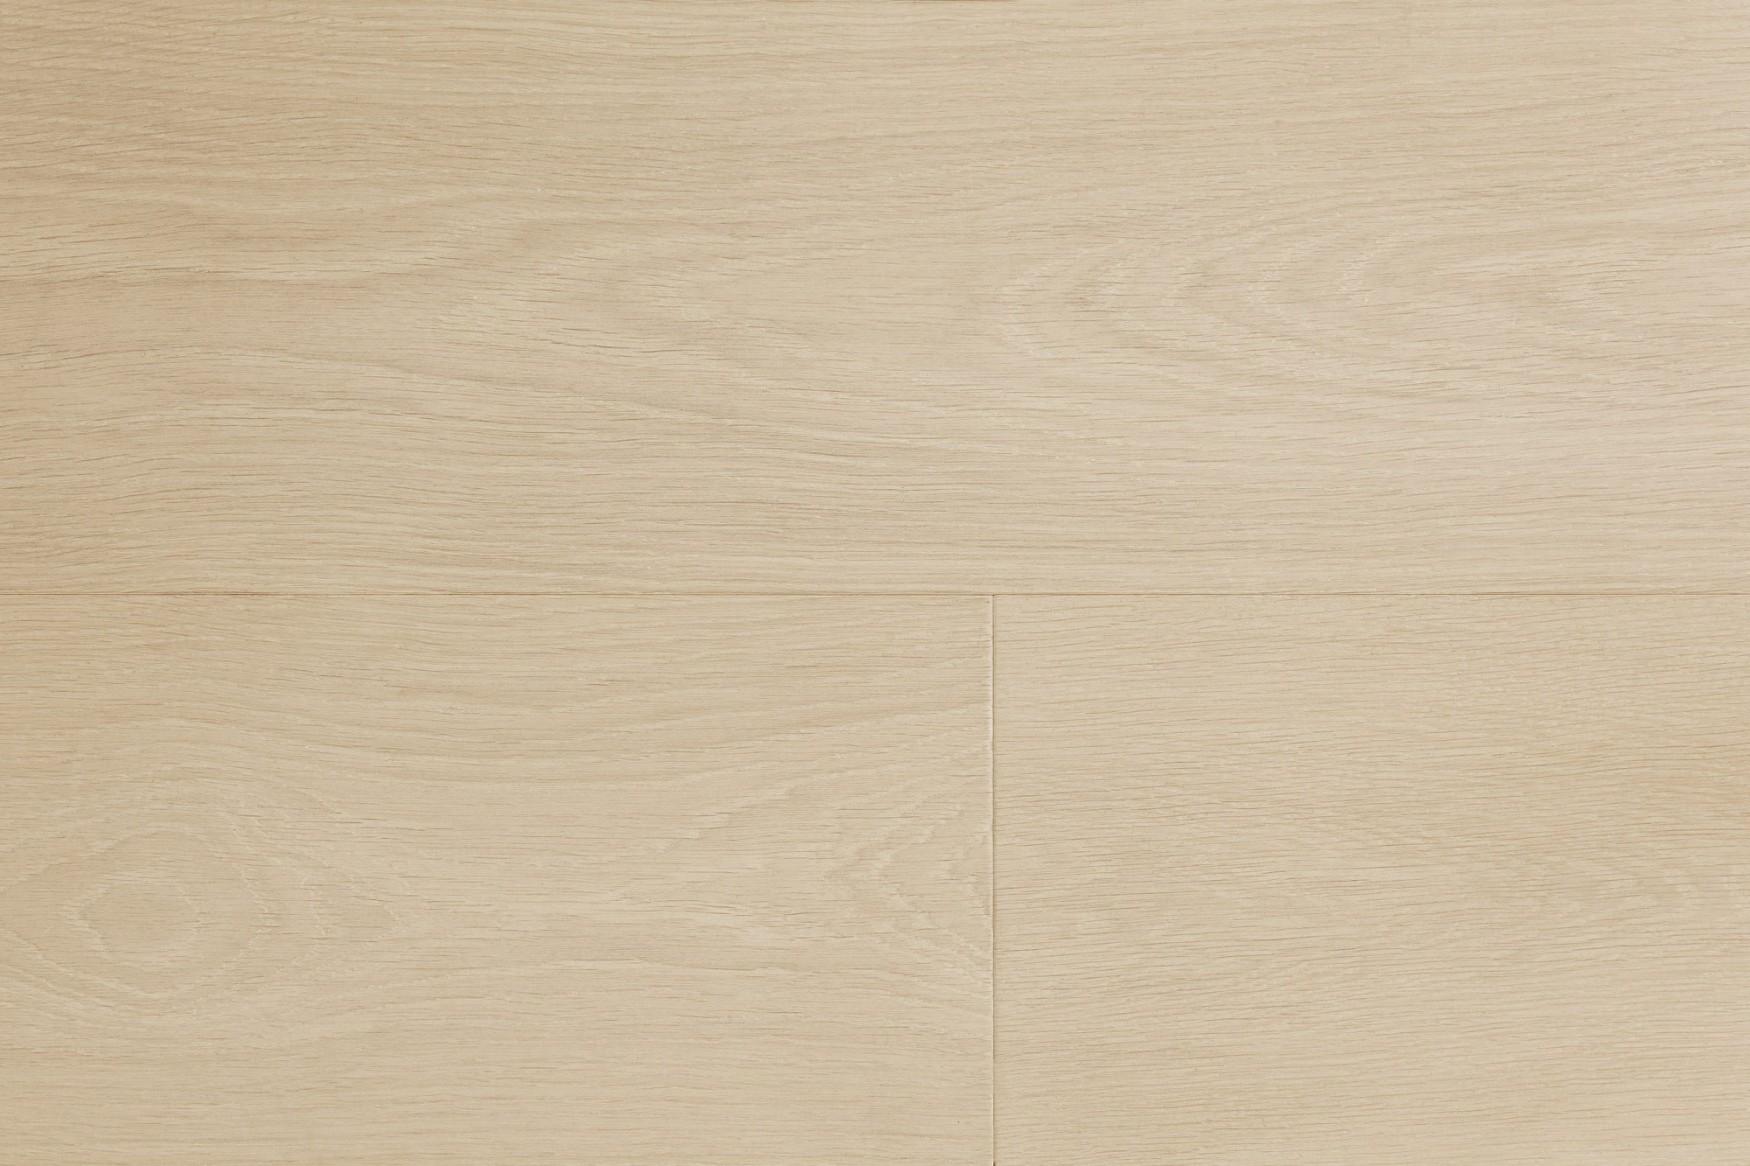 Ivory oak 5 engineered acadian flooring high for Acadian flooring